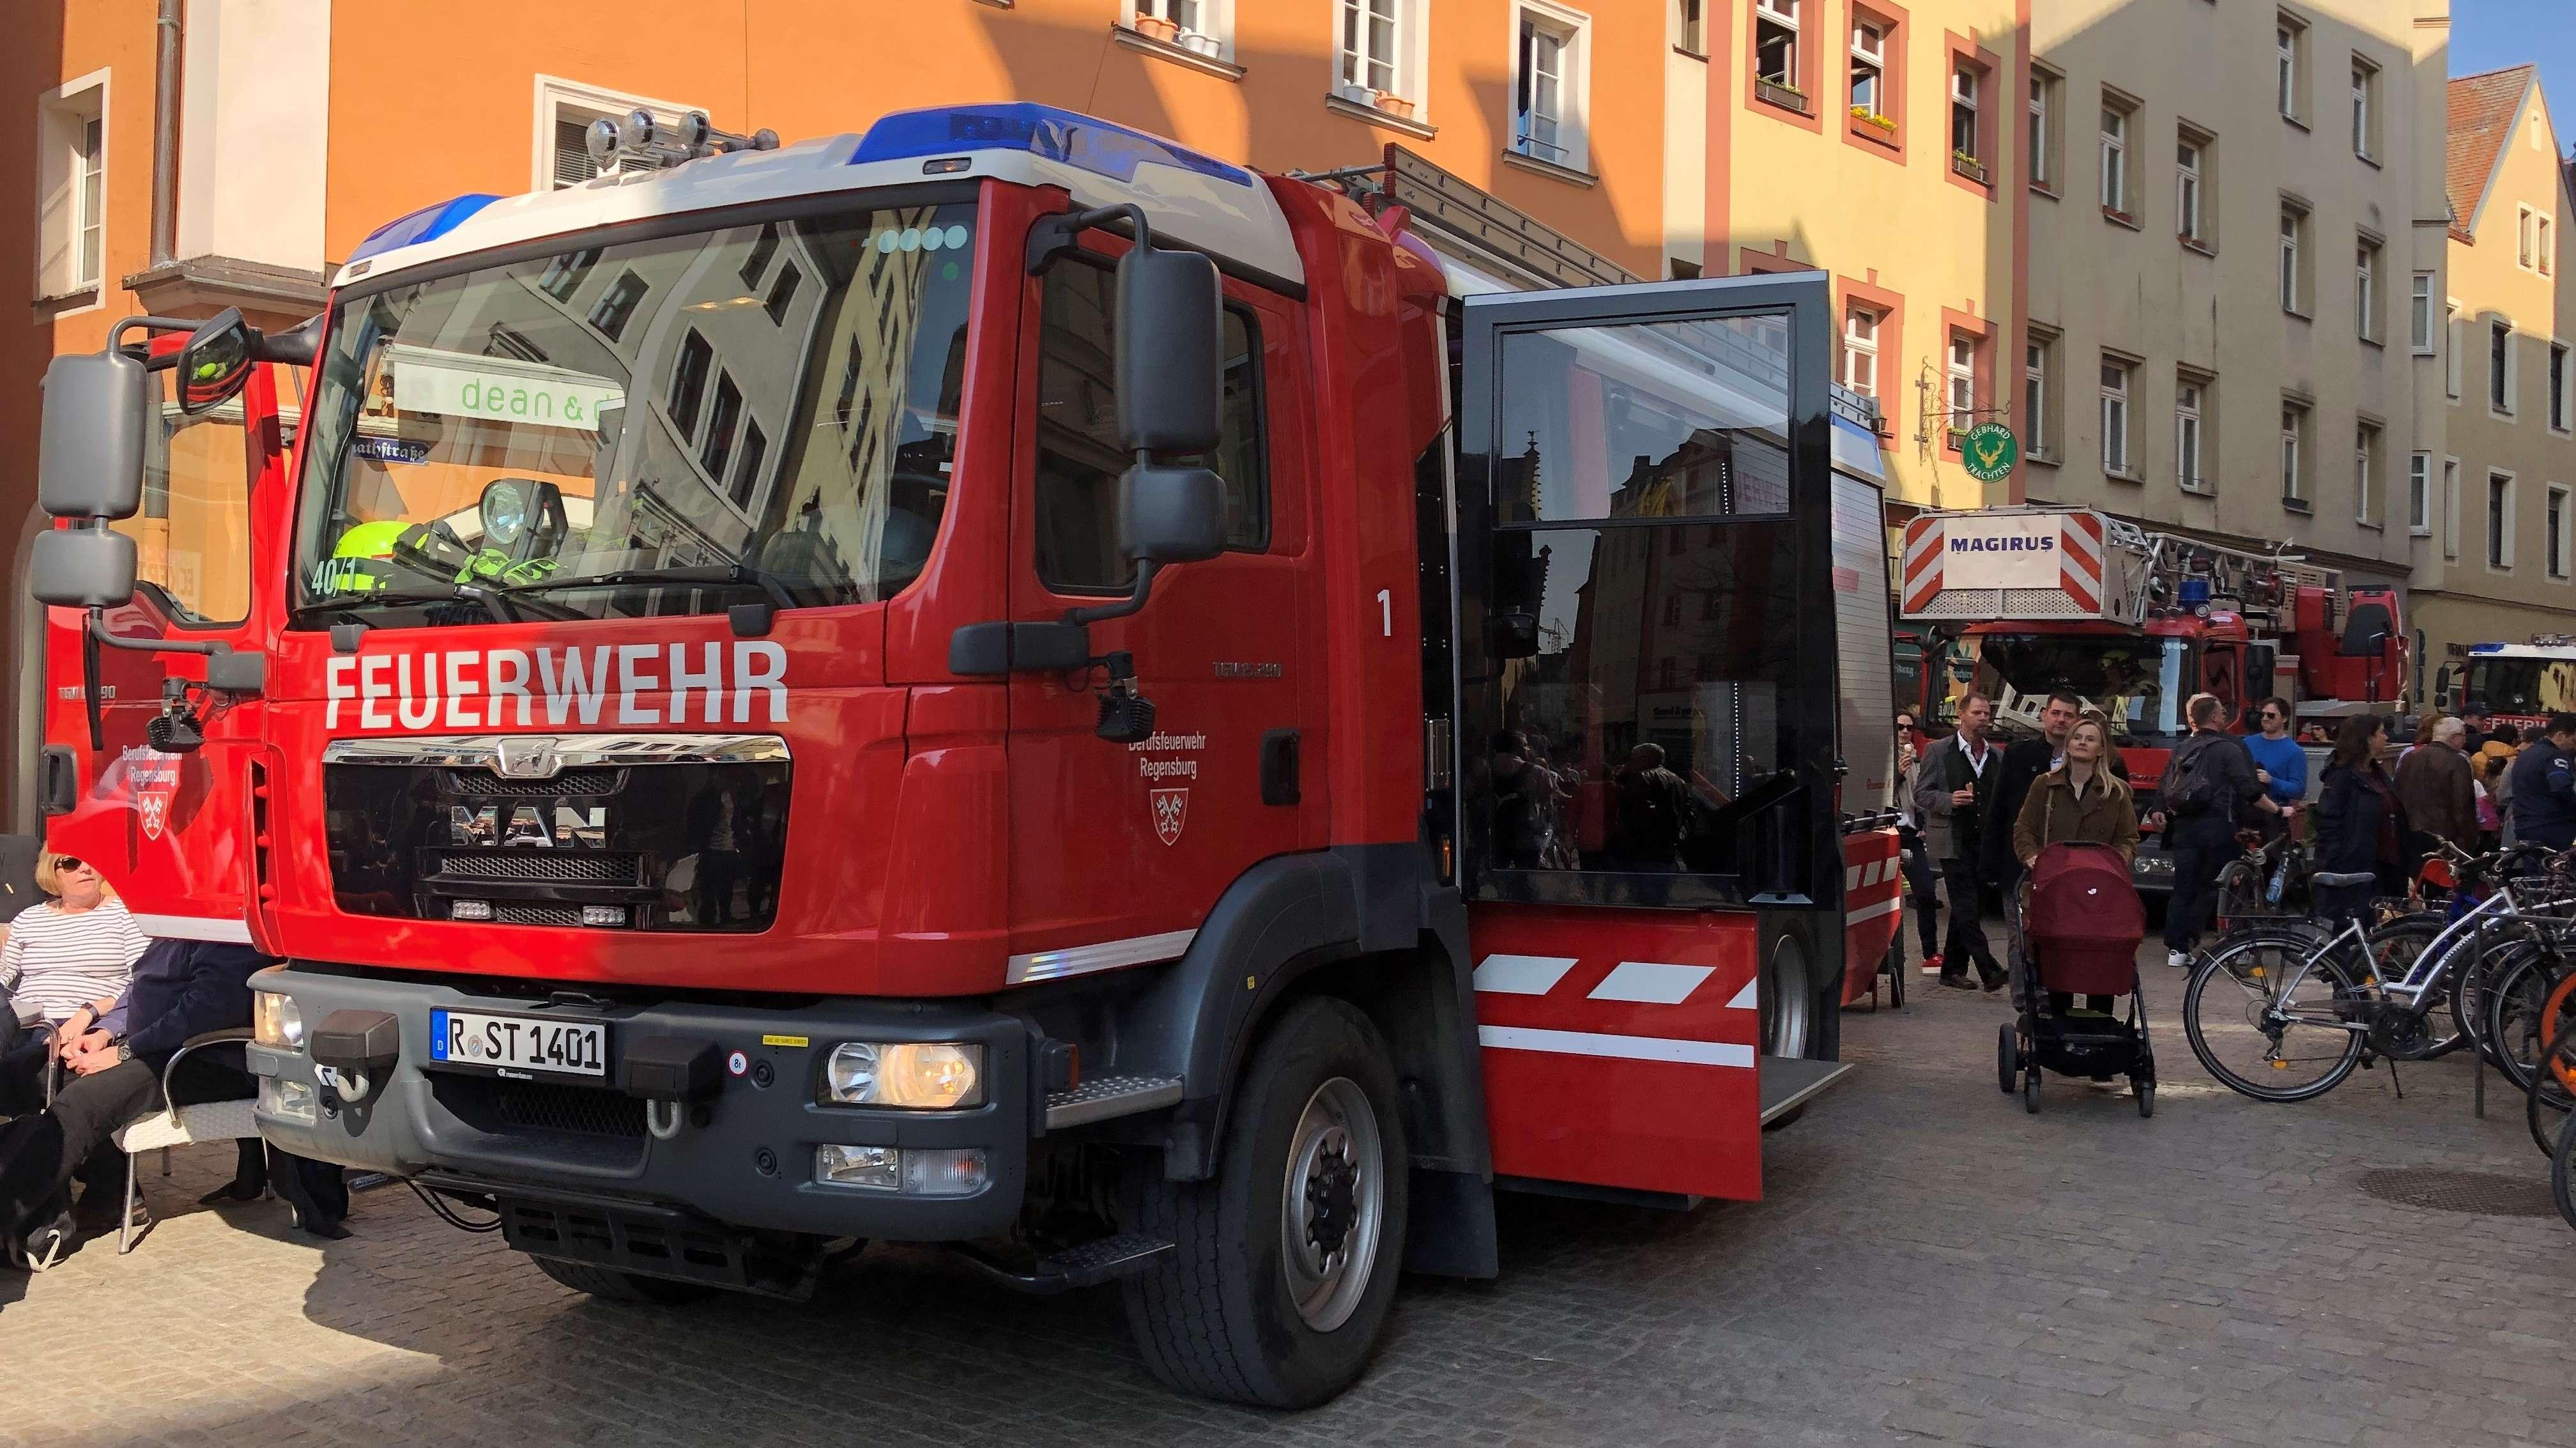 Einsatz der Feuerwehr in der Regensburger Altstadt